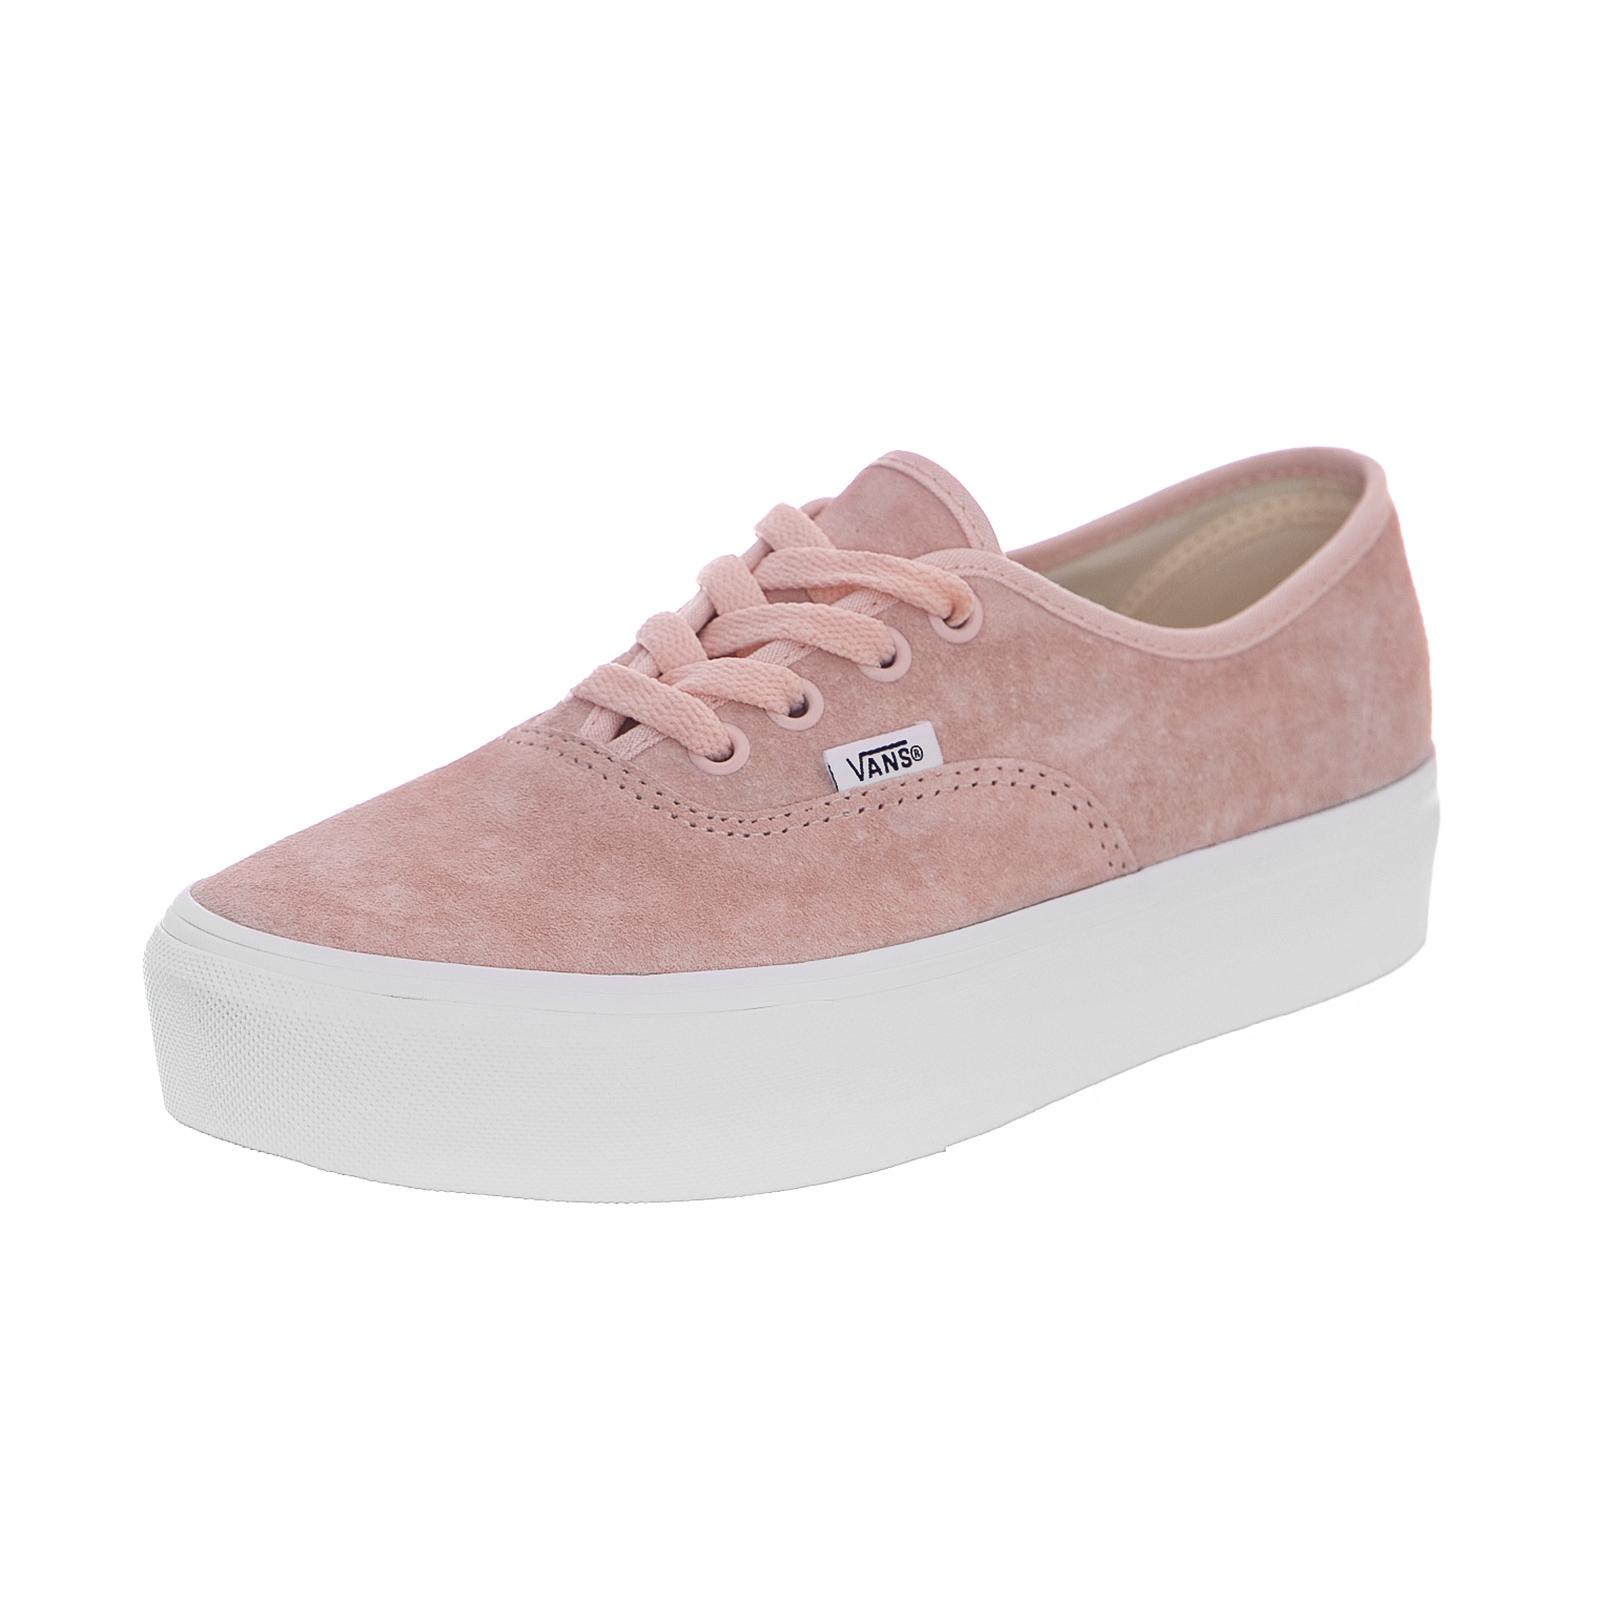 vans rosa platform